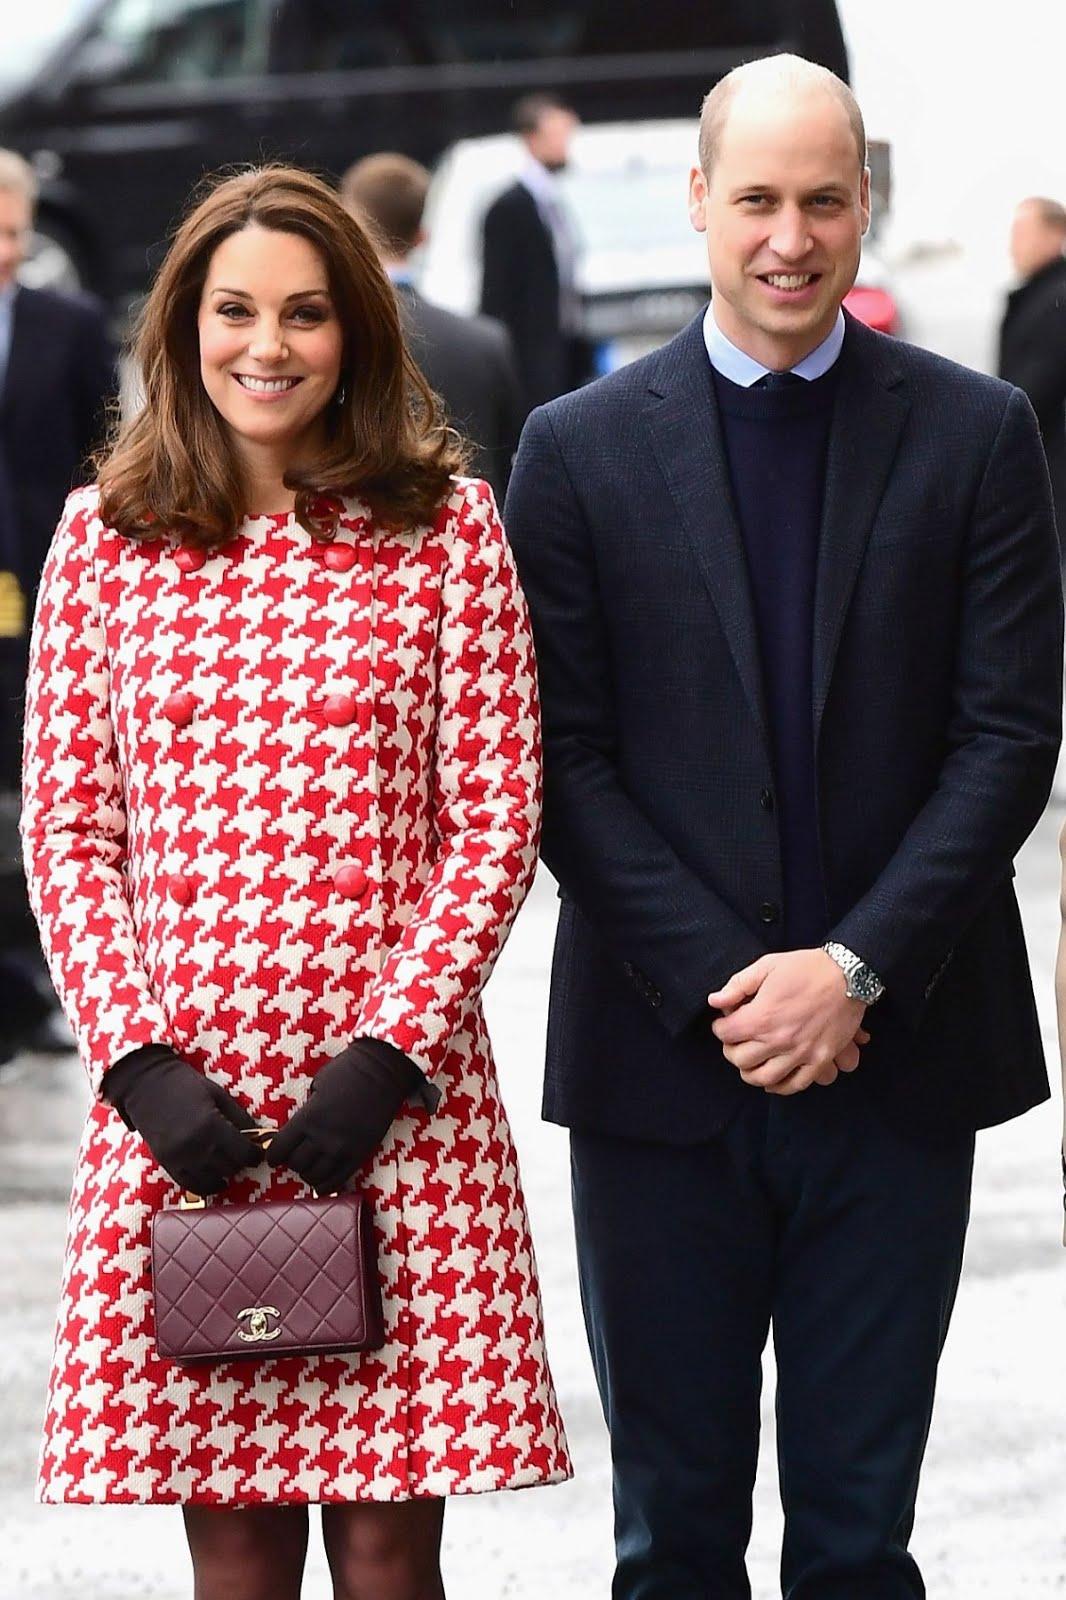 Kate Middleton And Crown Princess Victoria Of Sweden At Karolinska Institute In Stockholm